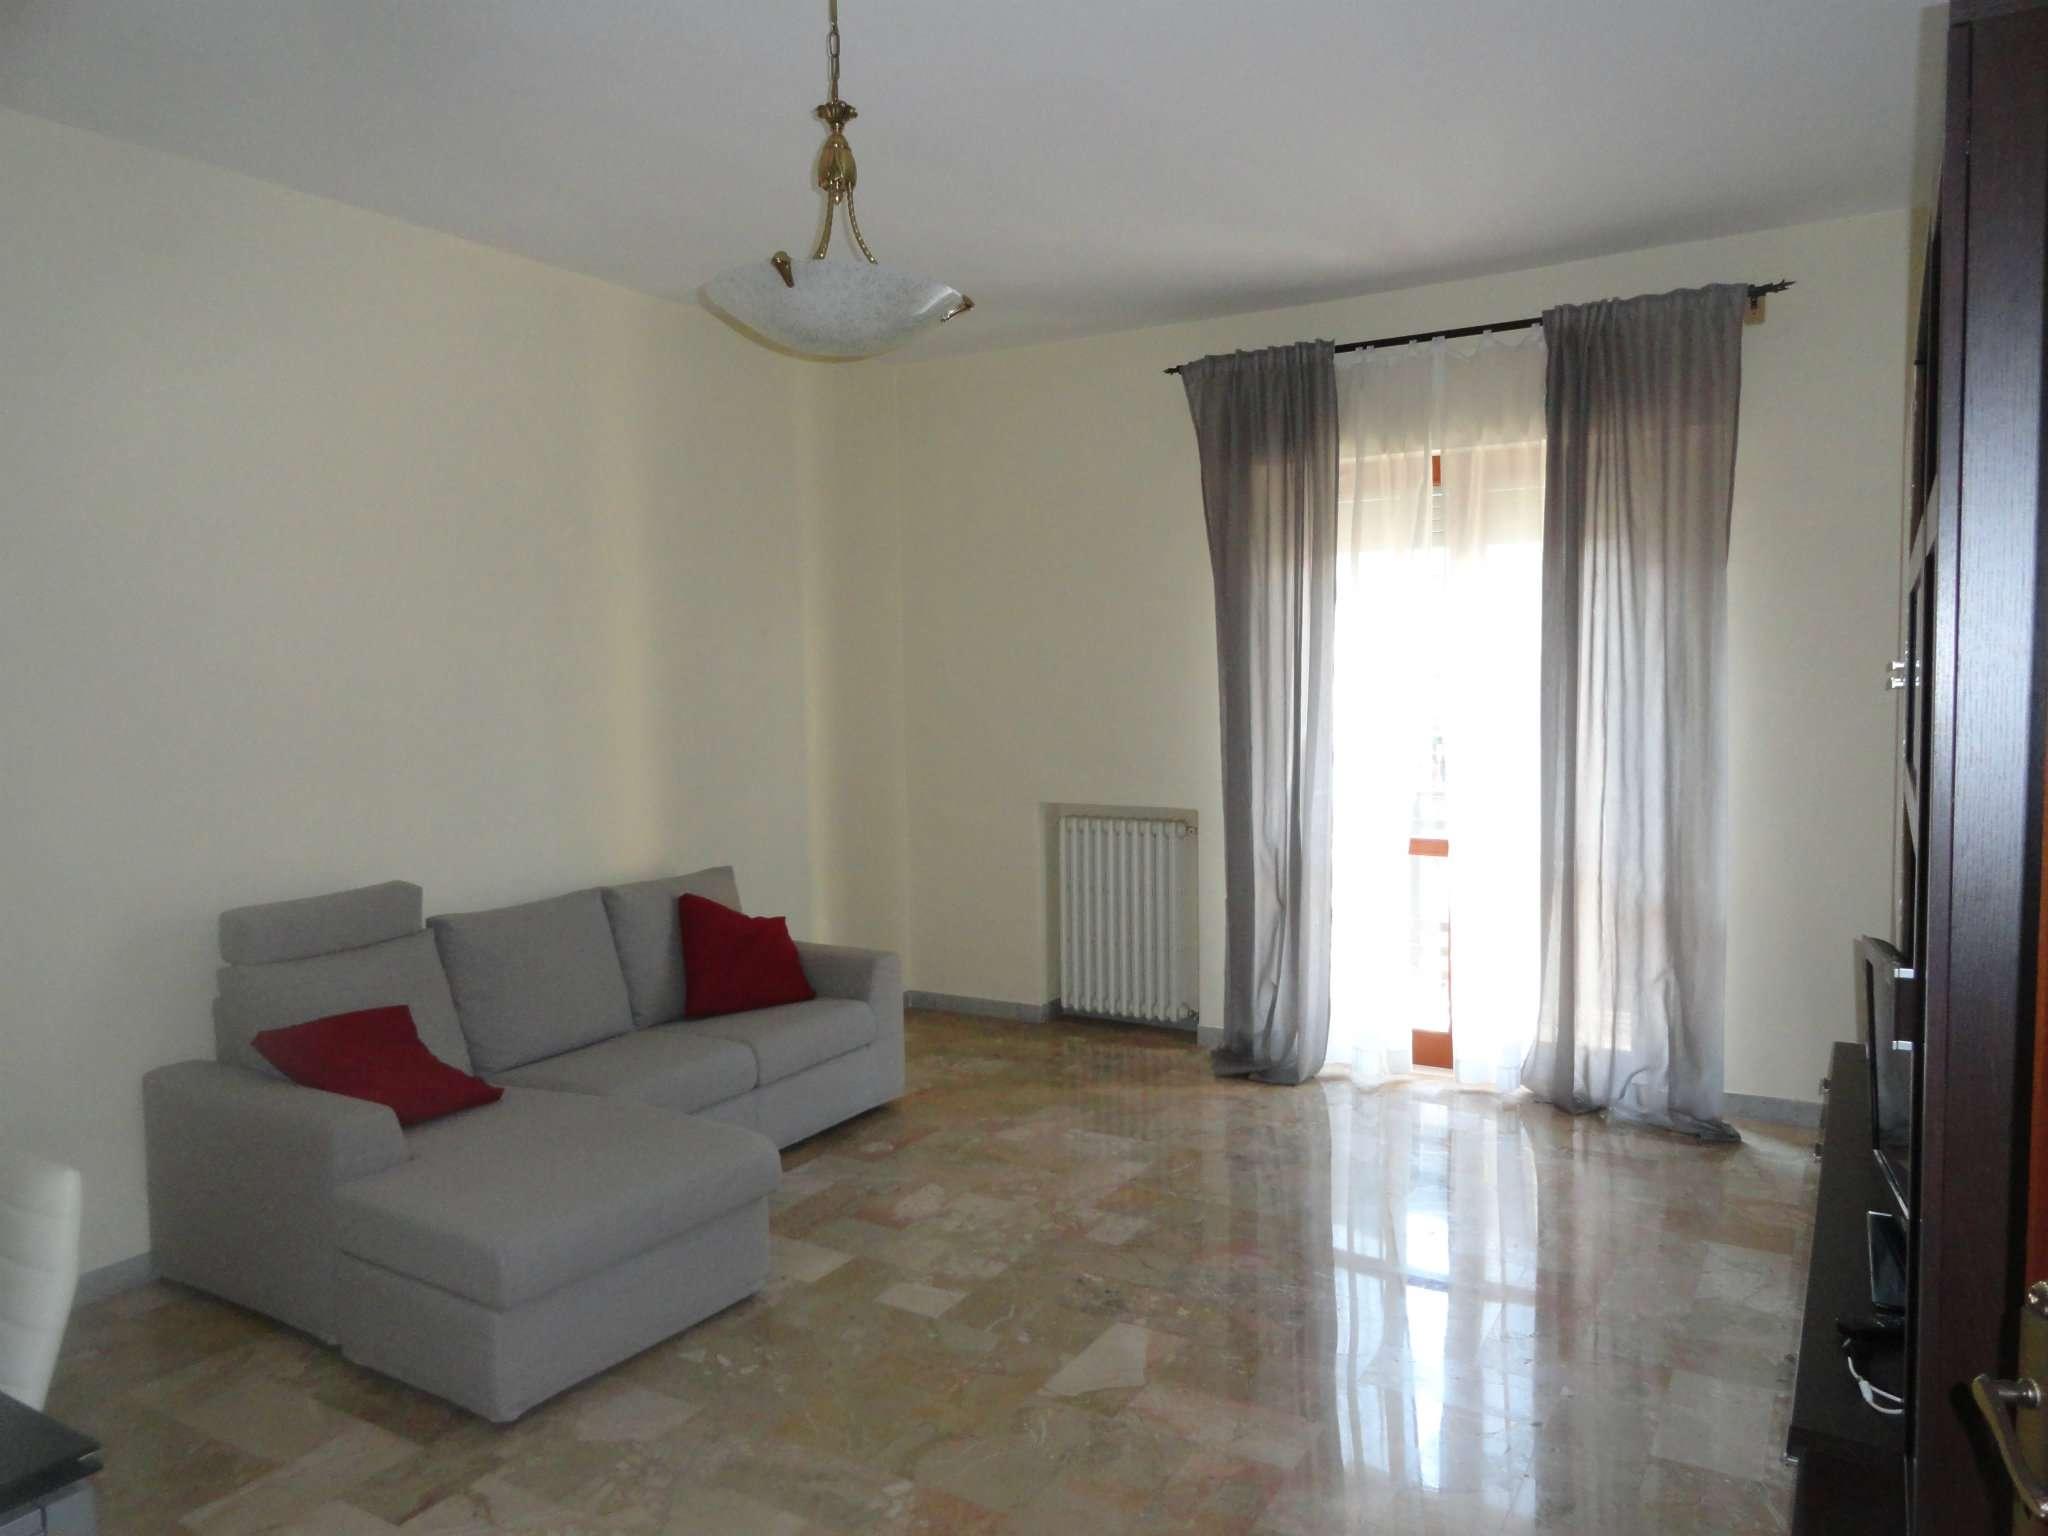 Appartamento in affitto a Andria, 2 locali, prezzo € 550 | Cambio Casa.it